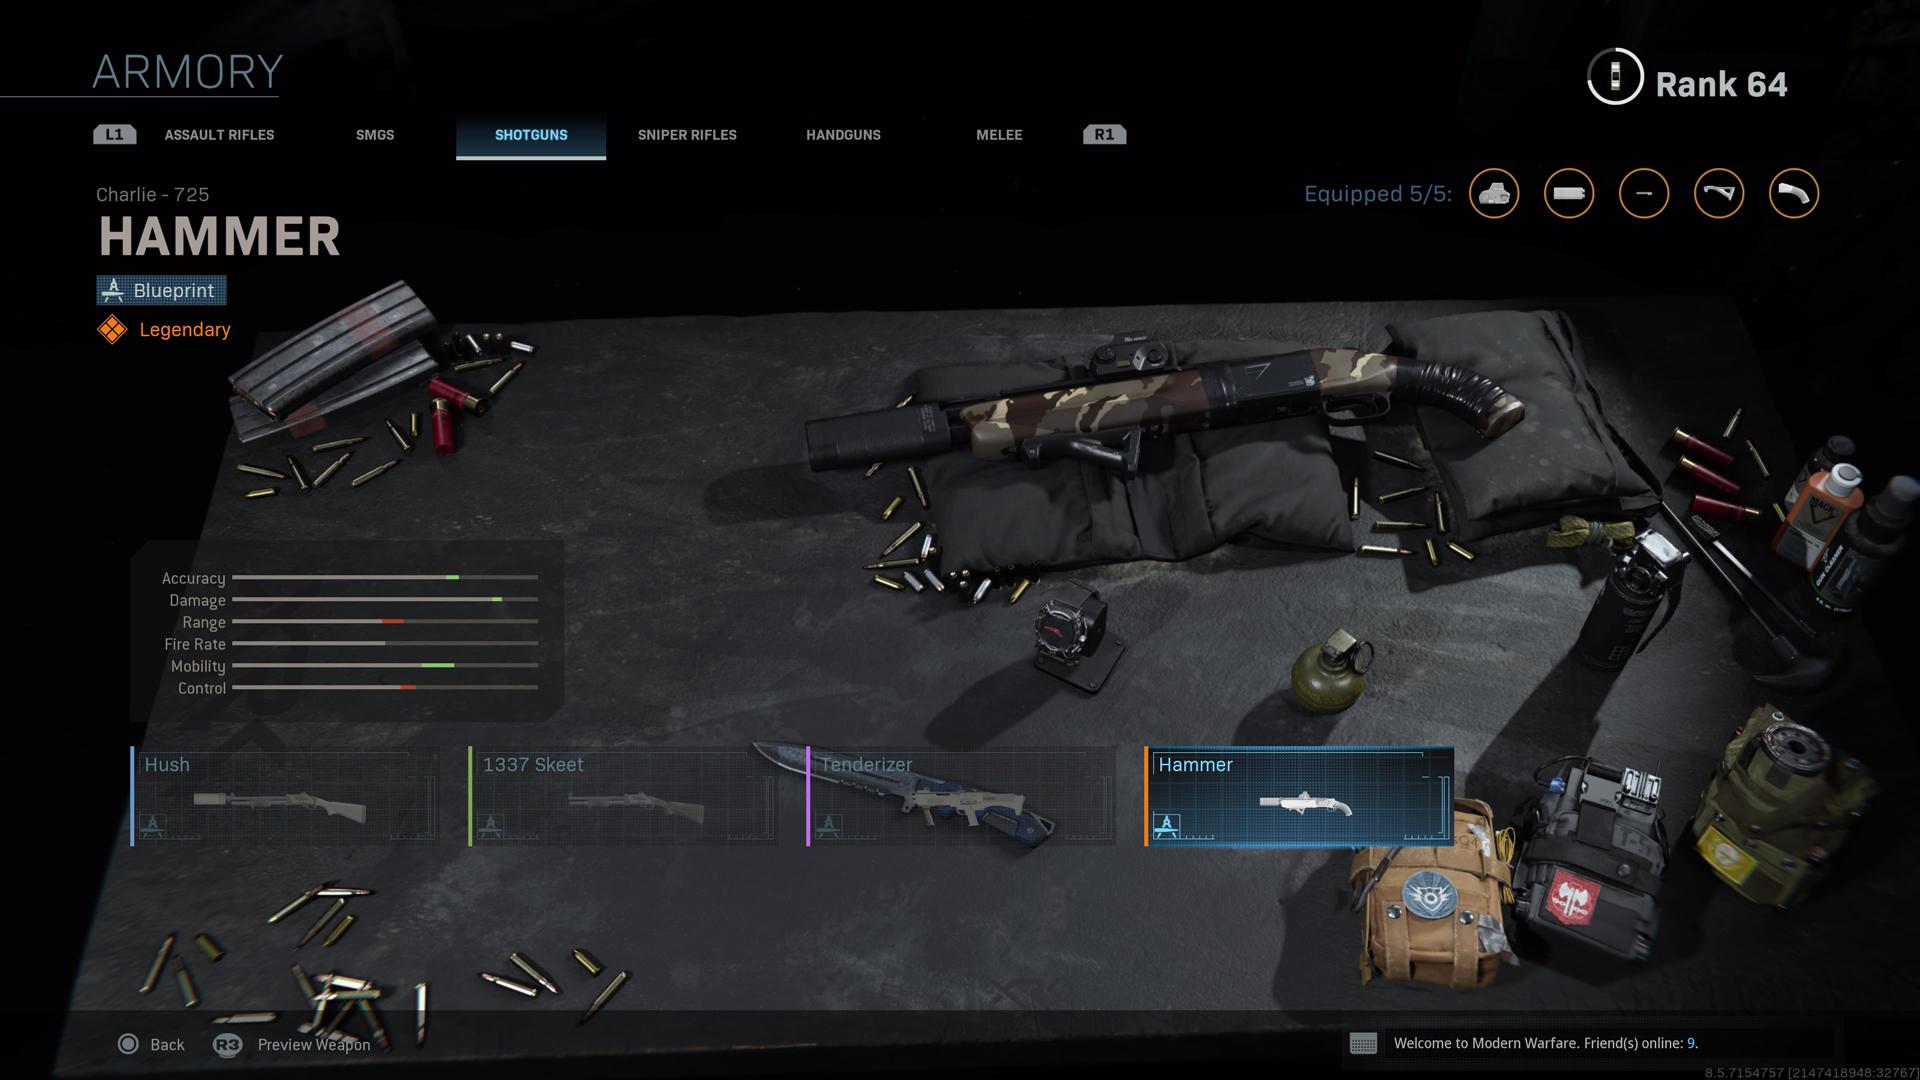 Hammer blueprint in Modern Warfare.